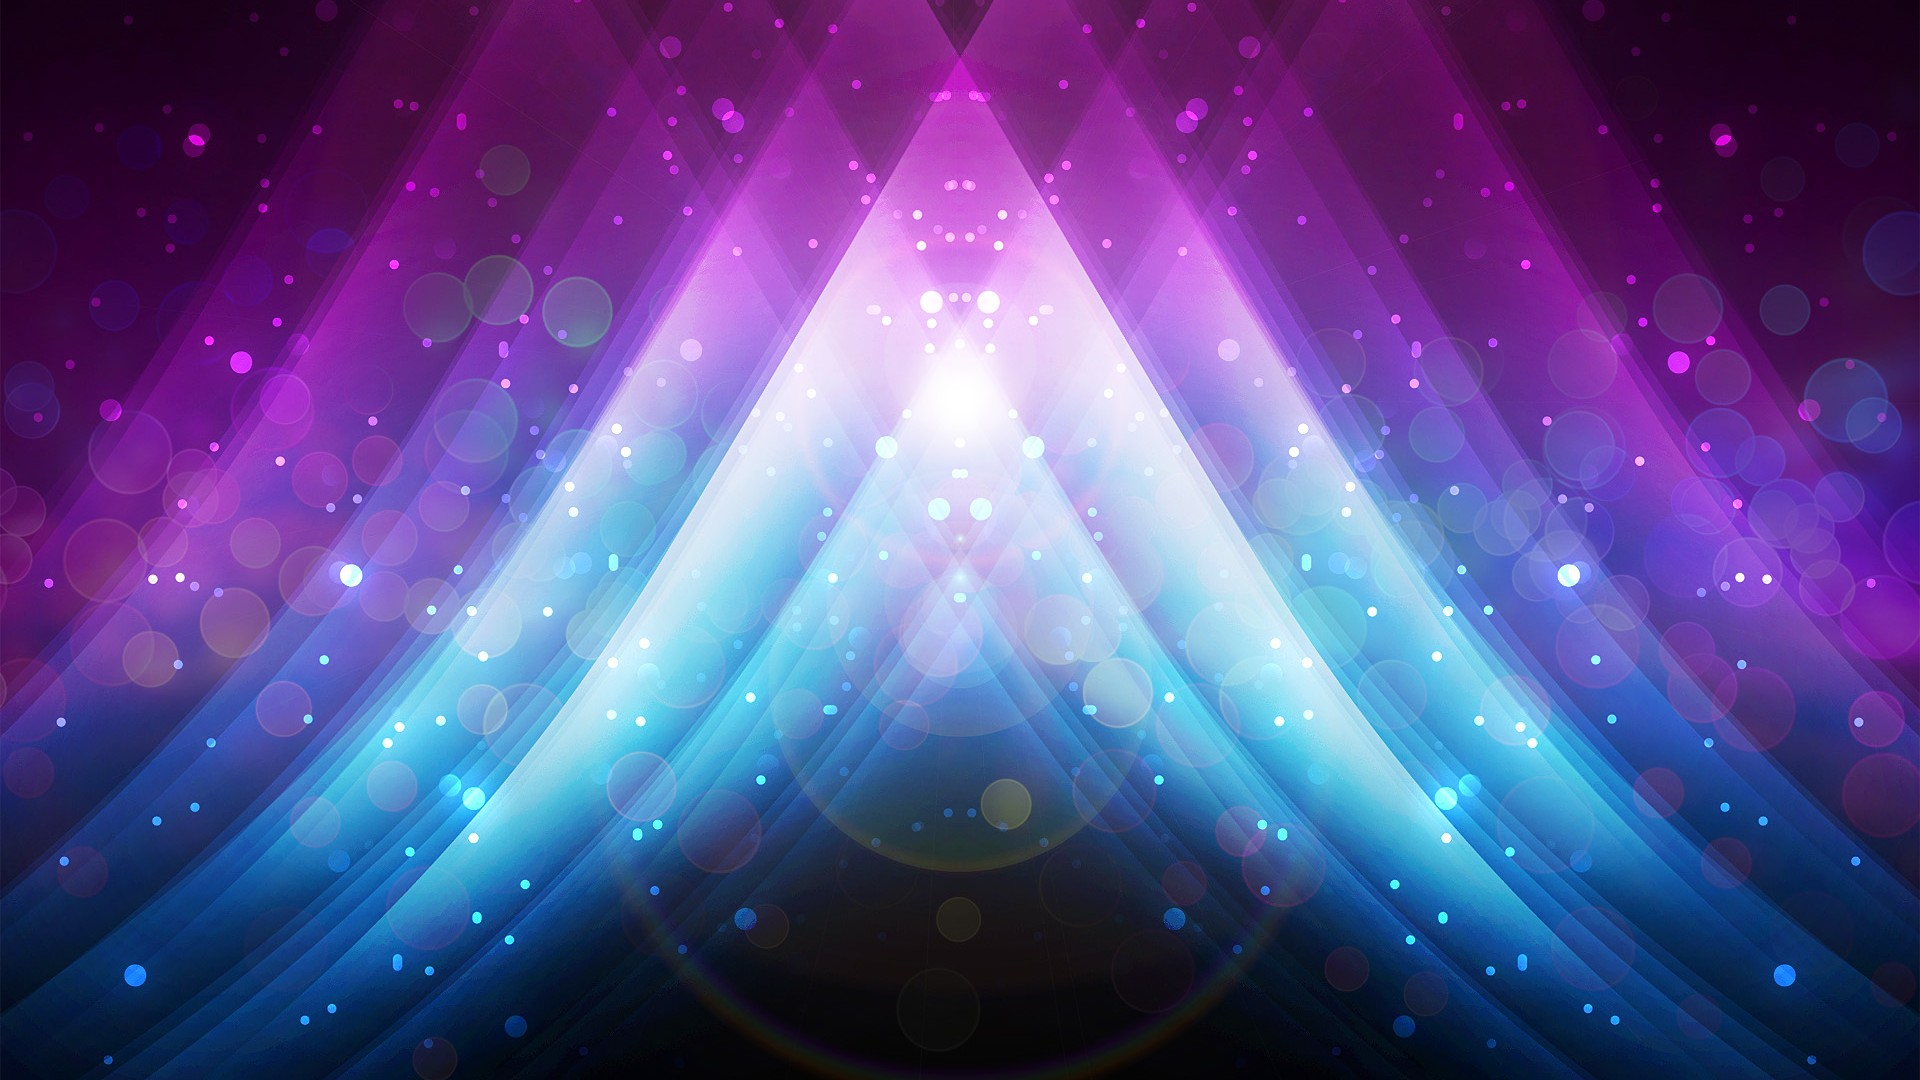 Free Widescreen Fall Wallpaper Tie Dye Wallpapers Hd Pixelstalk Net